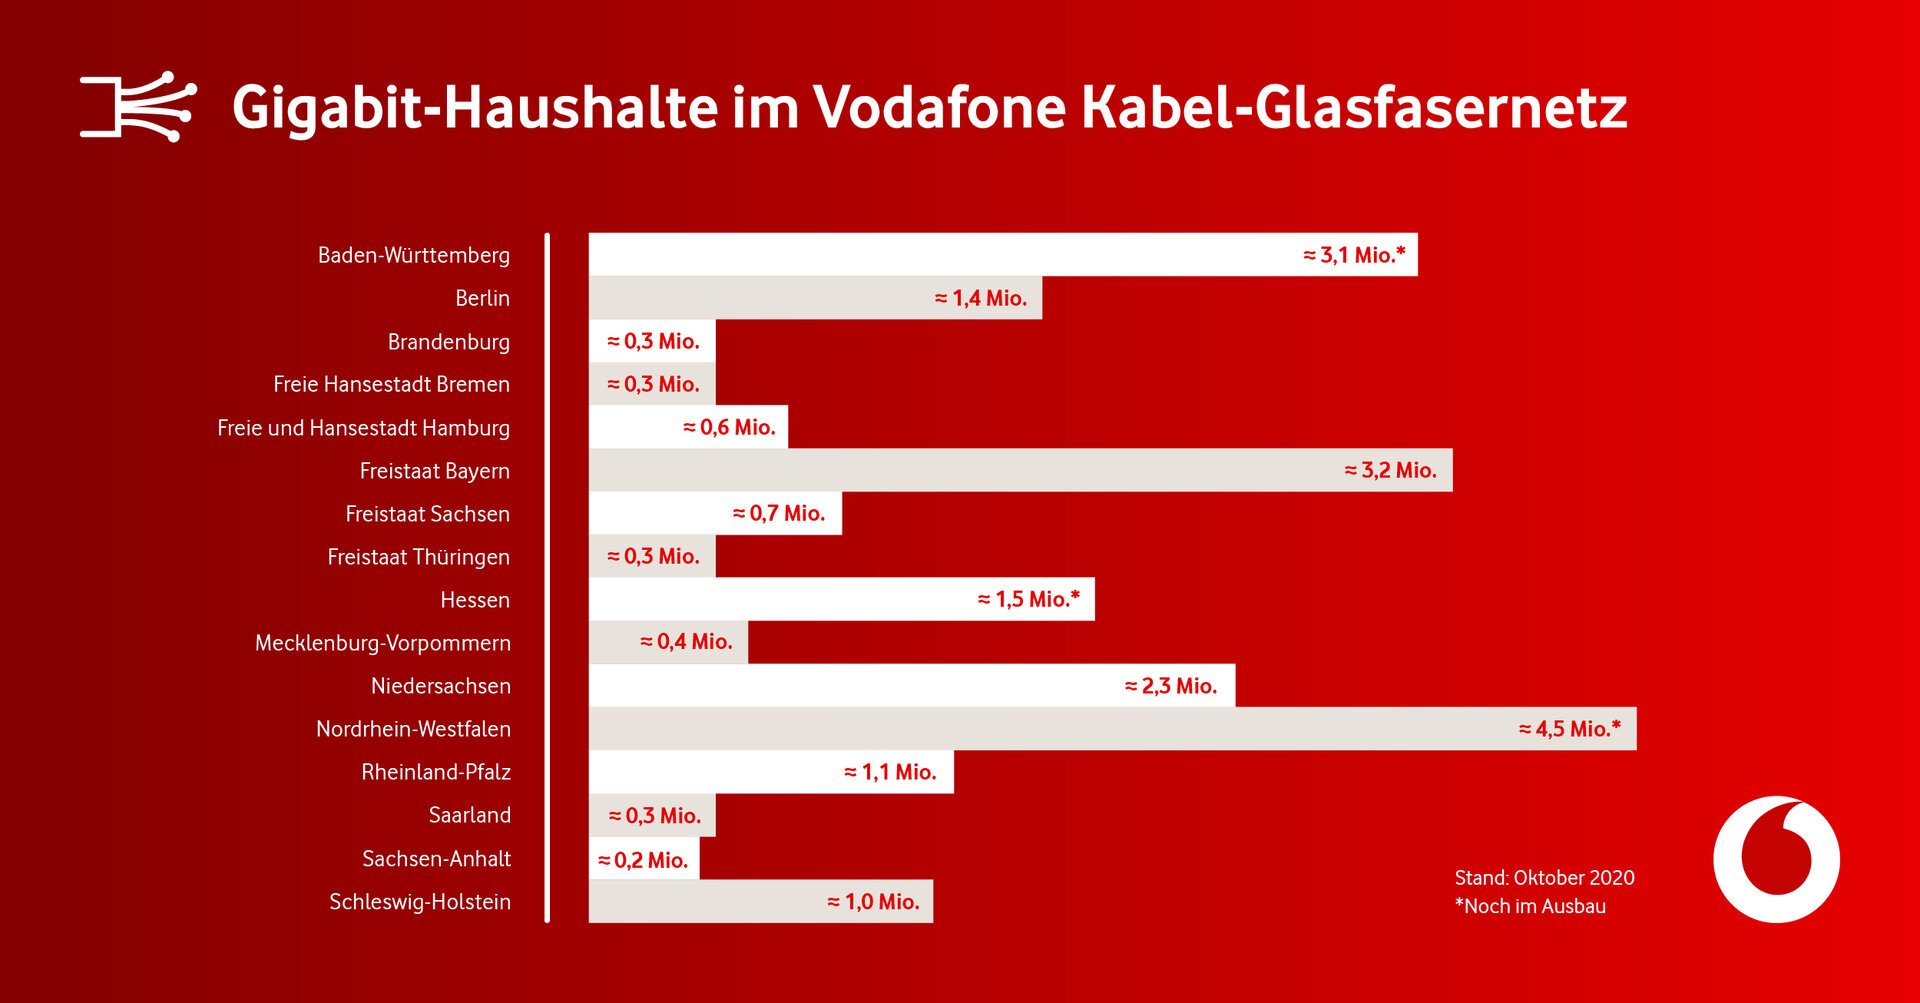 Gigabit-Haushalte nach Bundesländern